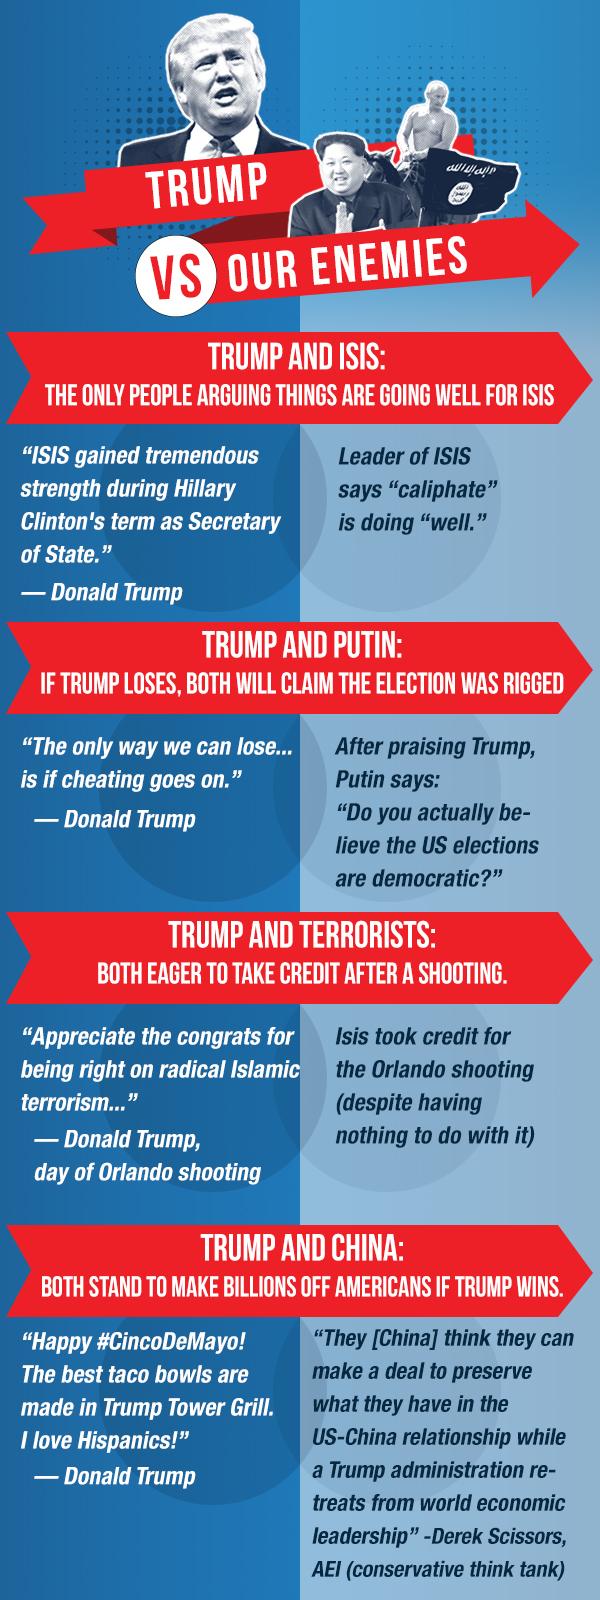 Eerie Similarities Between Trump, Putin, ISIS & Kim Jong Un